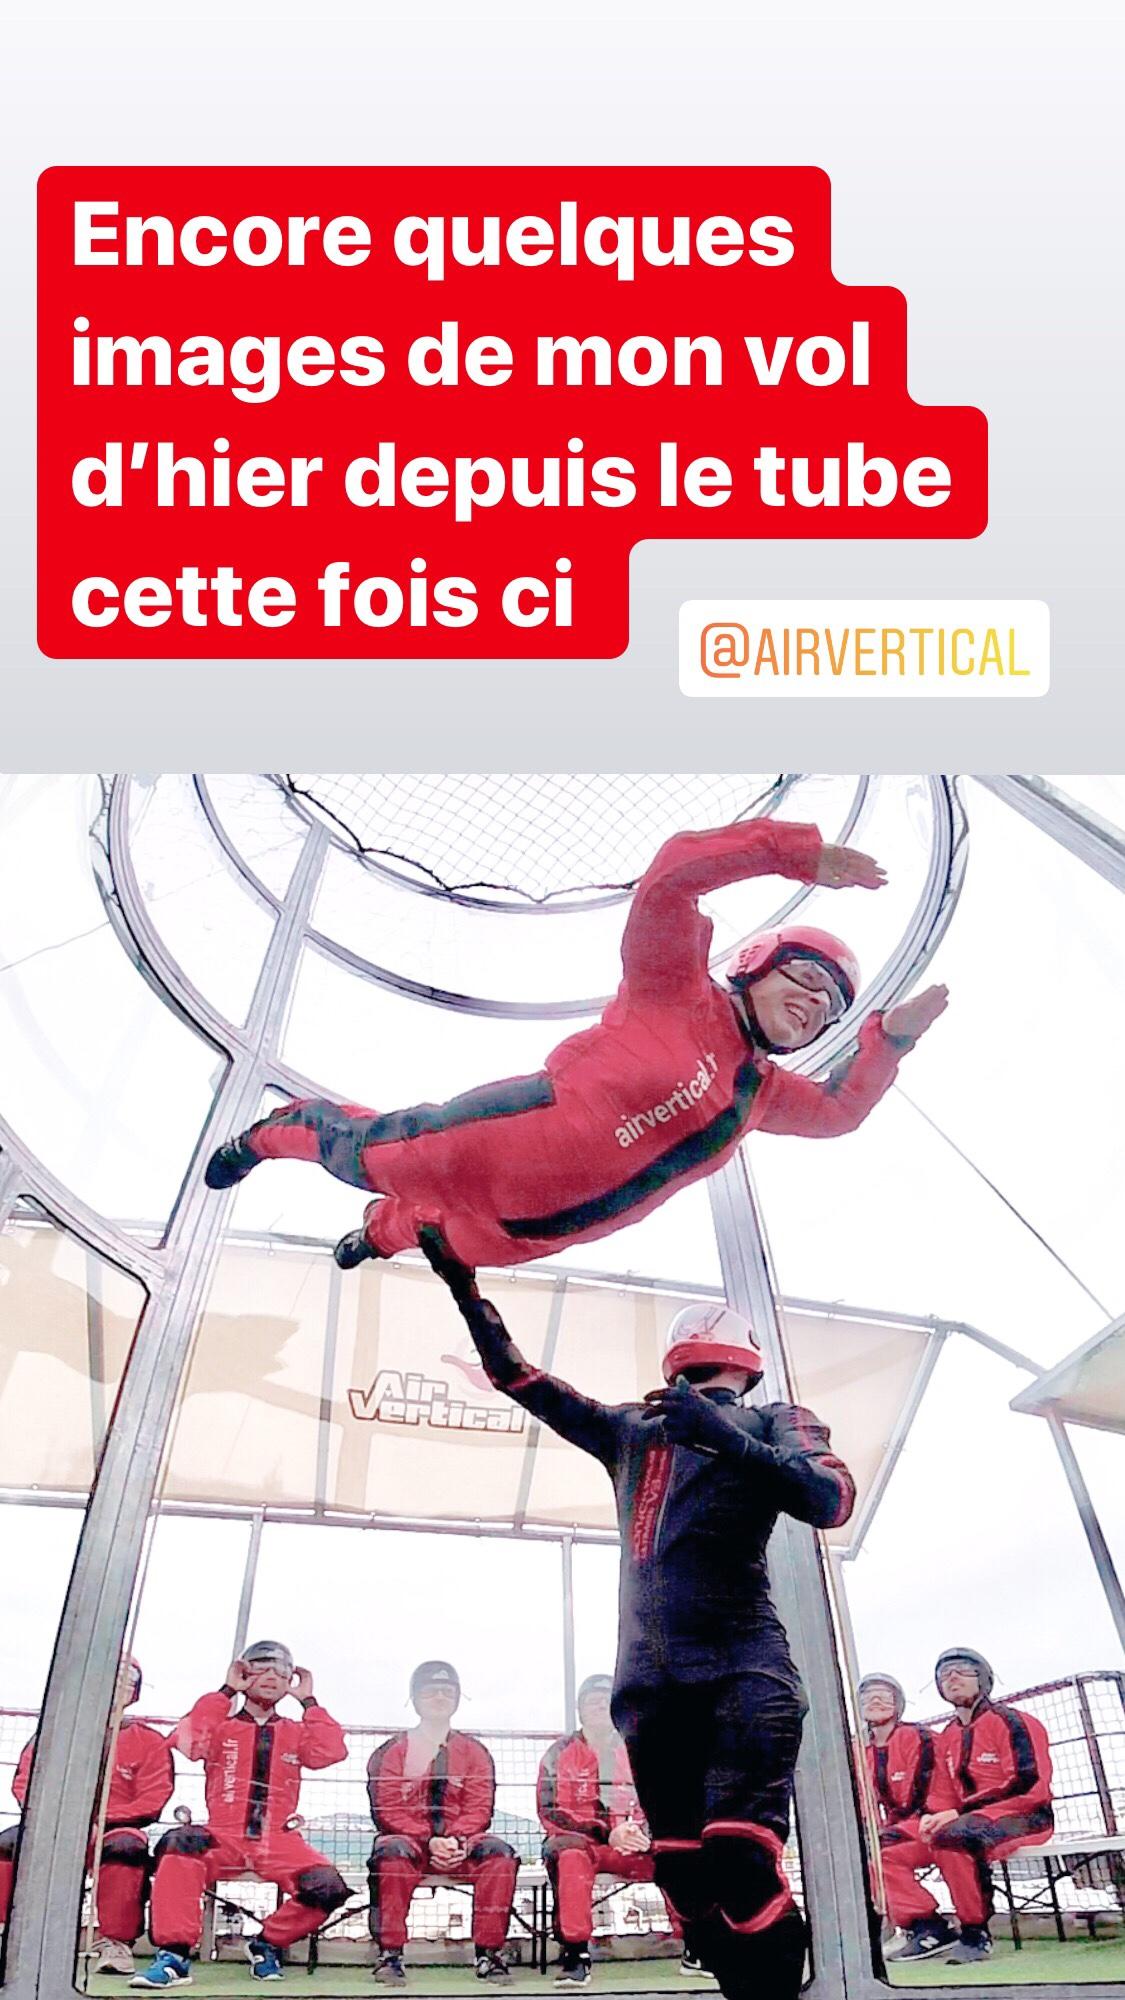 Je m'envole: vol libre et trampoline, Paris… L'hebdo-humeur du vendredi 18/10/2019